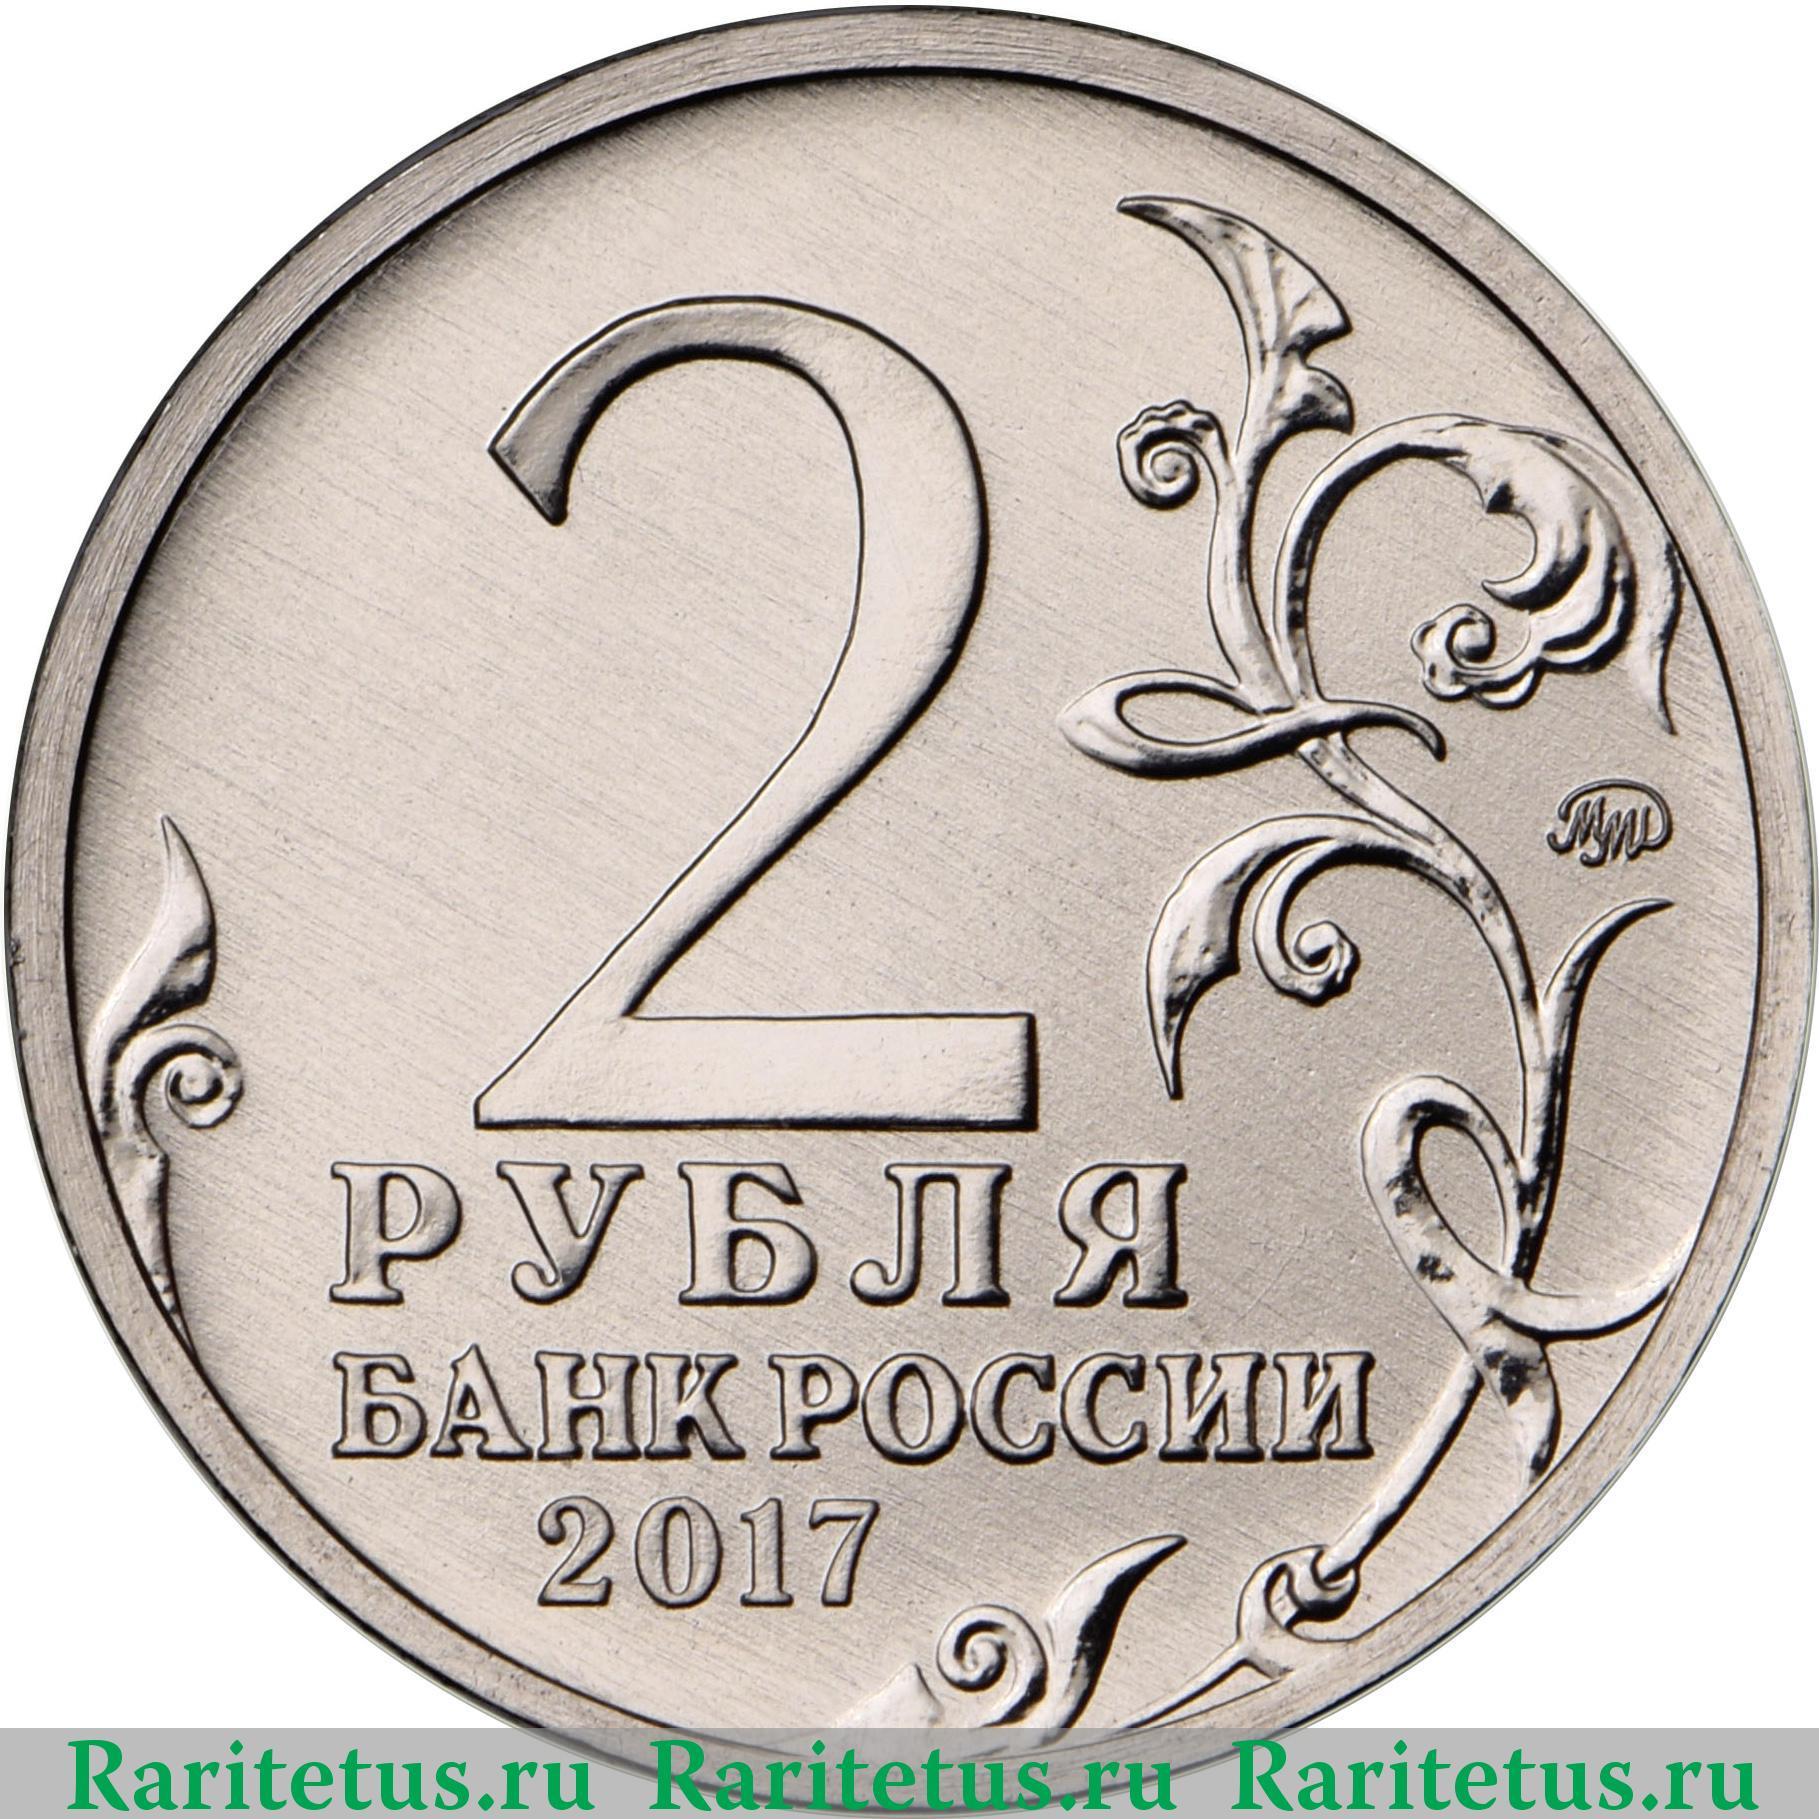 Нумизматика стоимость монет россии до 2017 года концерн гермес акции цена